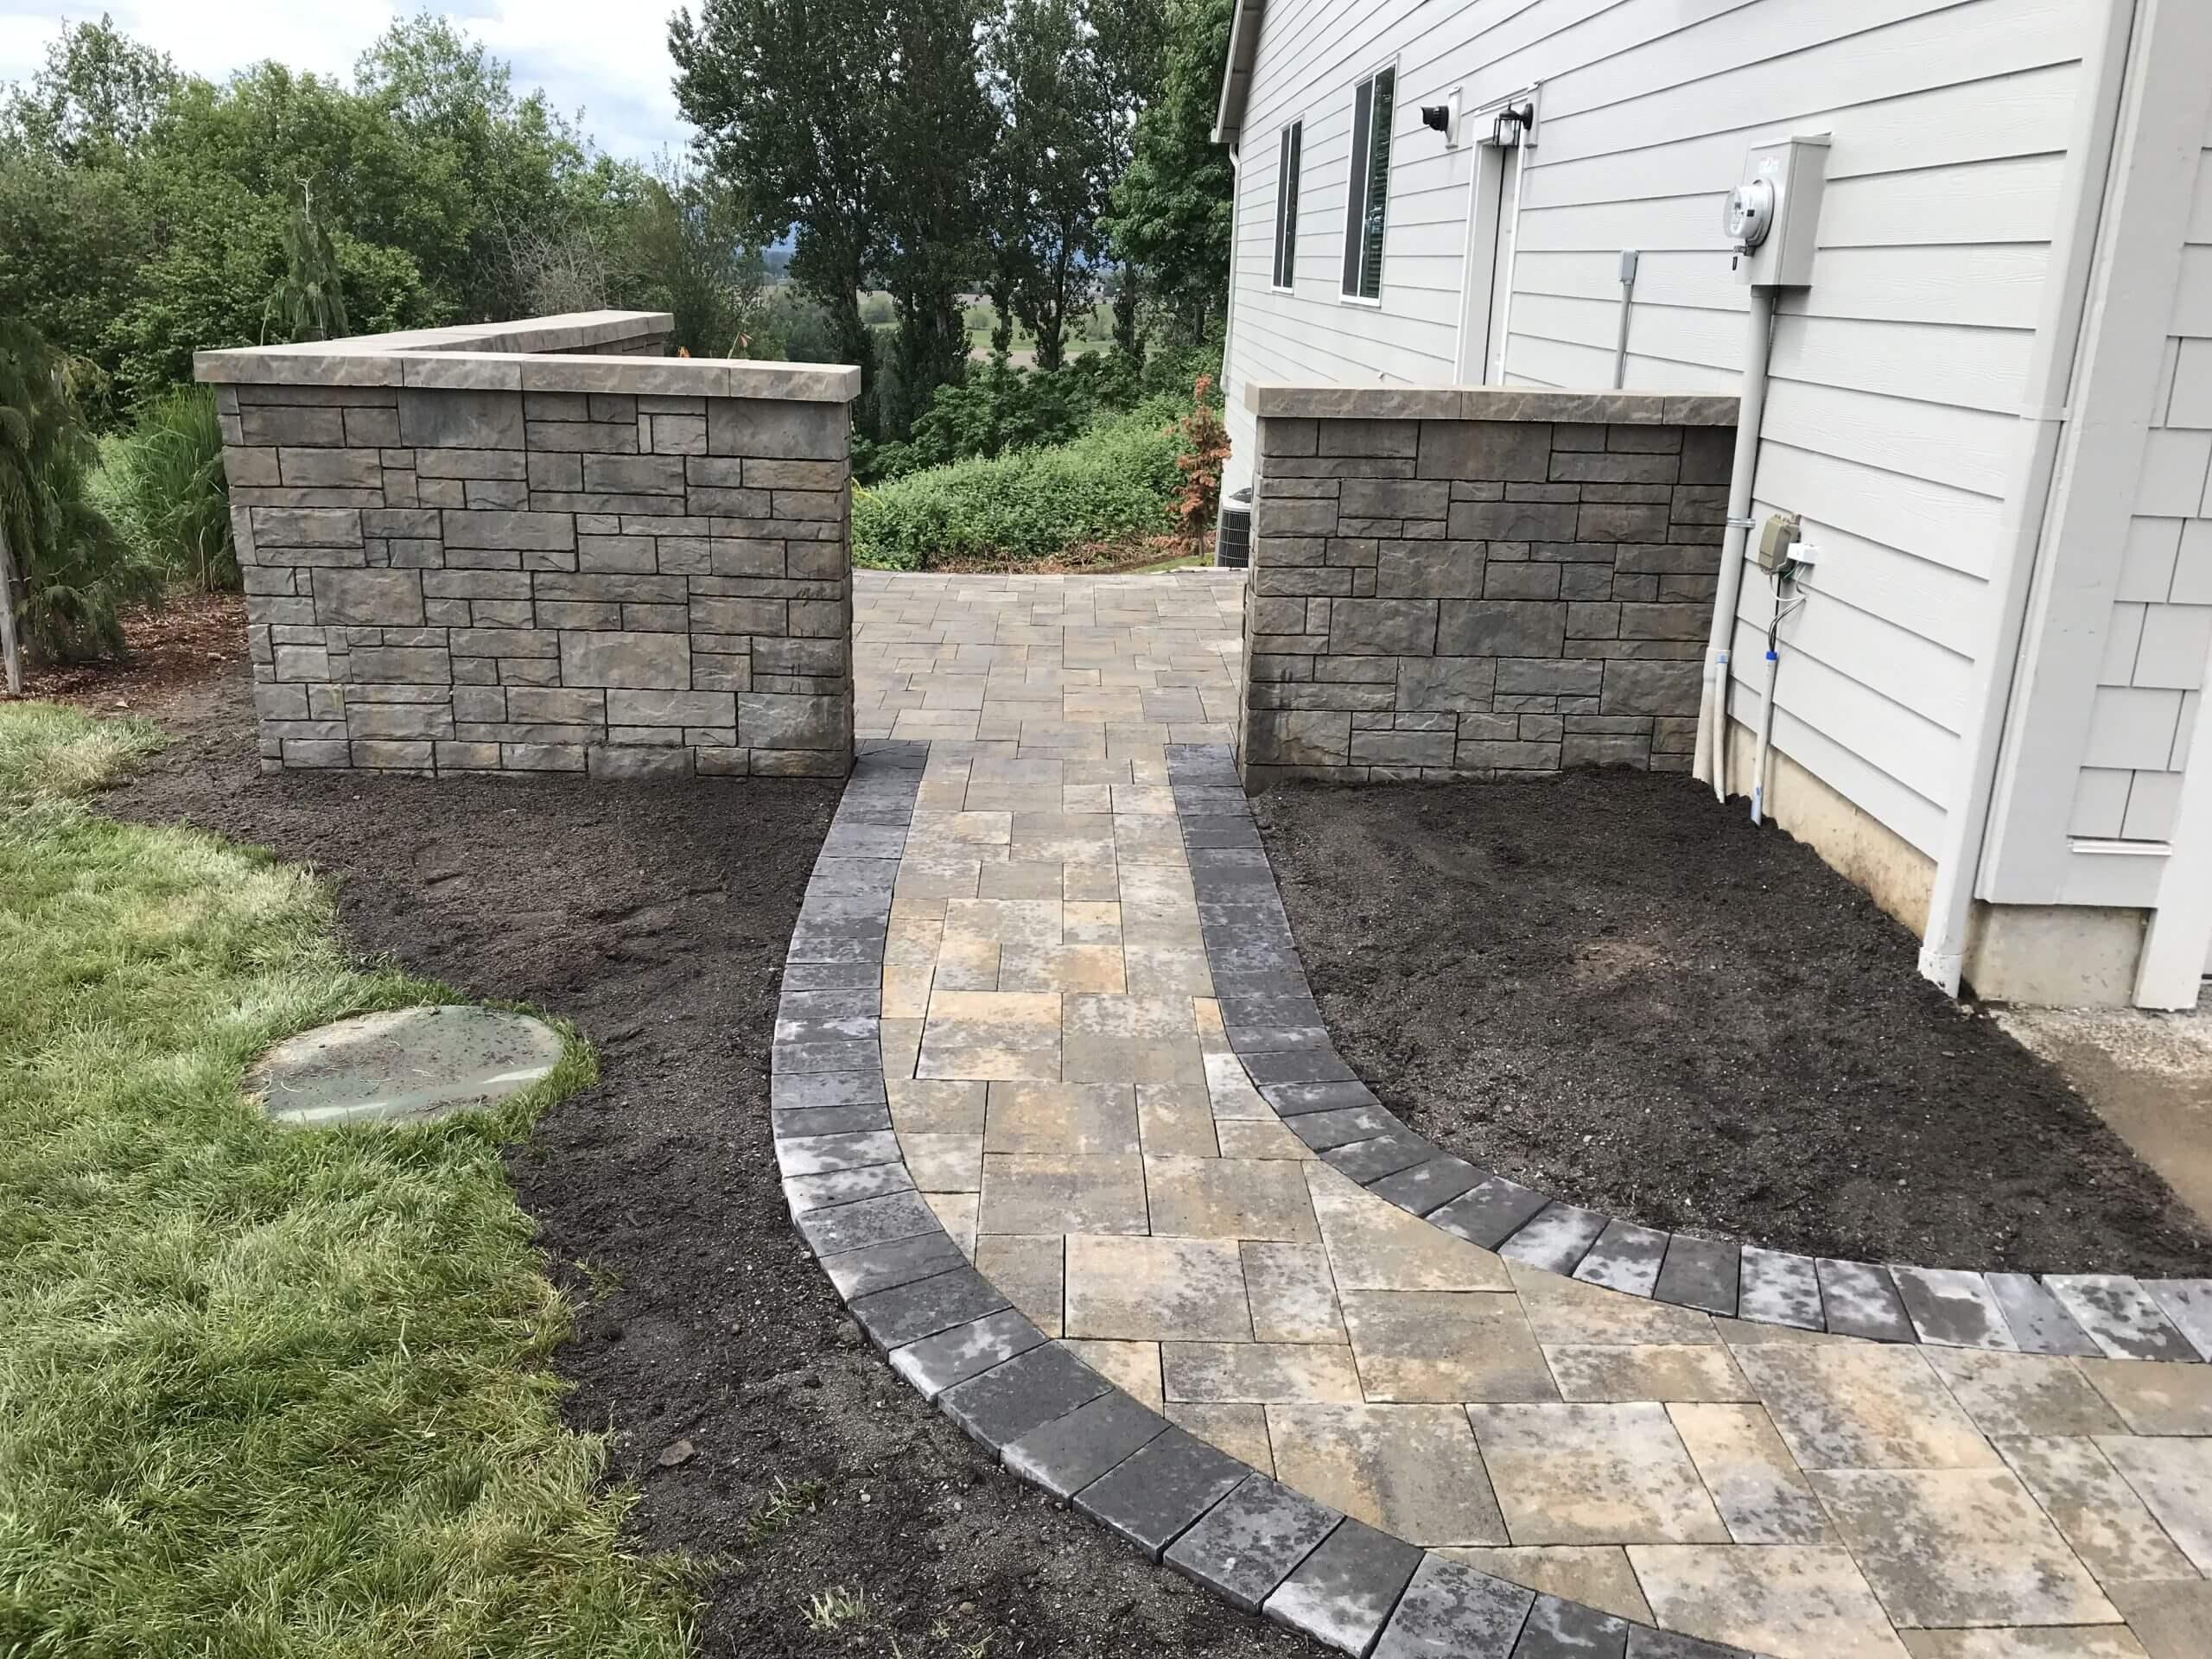 https://shovelandthumb.sfo3.digitaloceanspaces.com/garden walls/garden wall 5